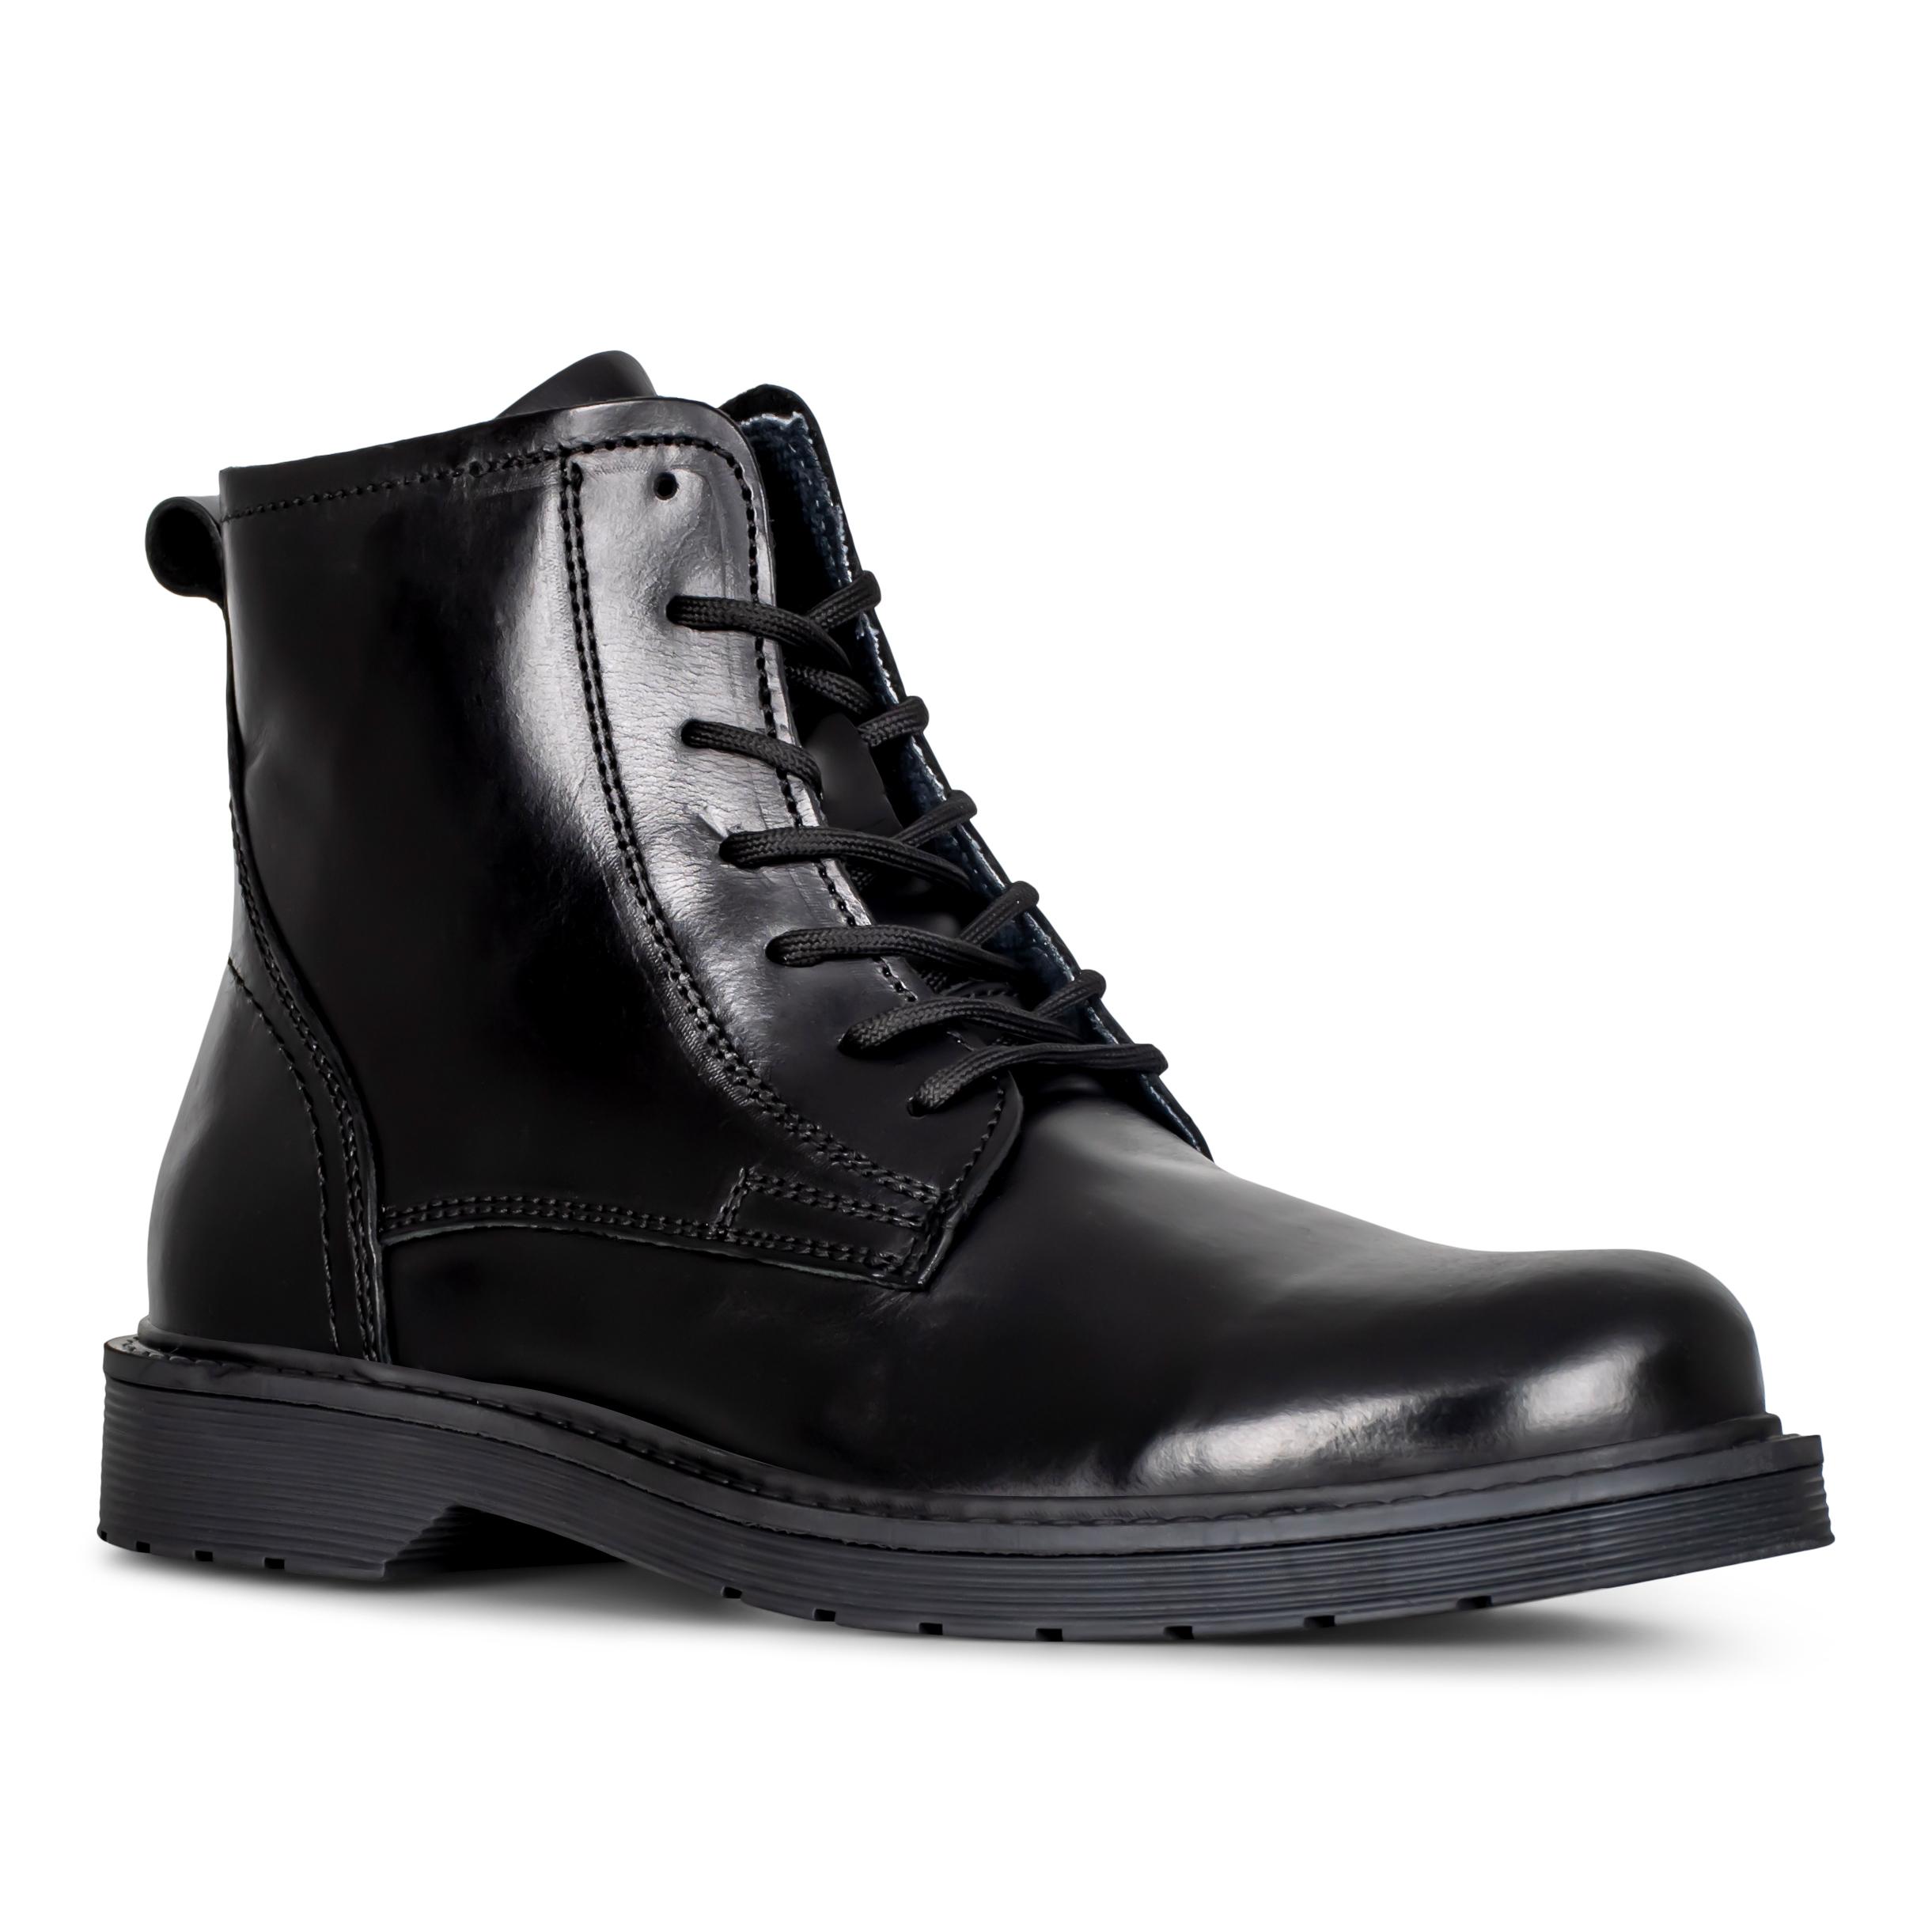 Selected Læder støvle